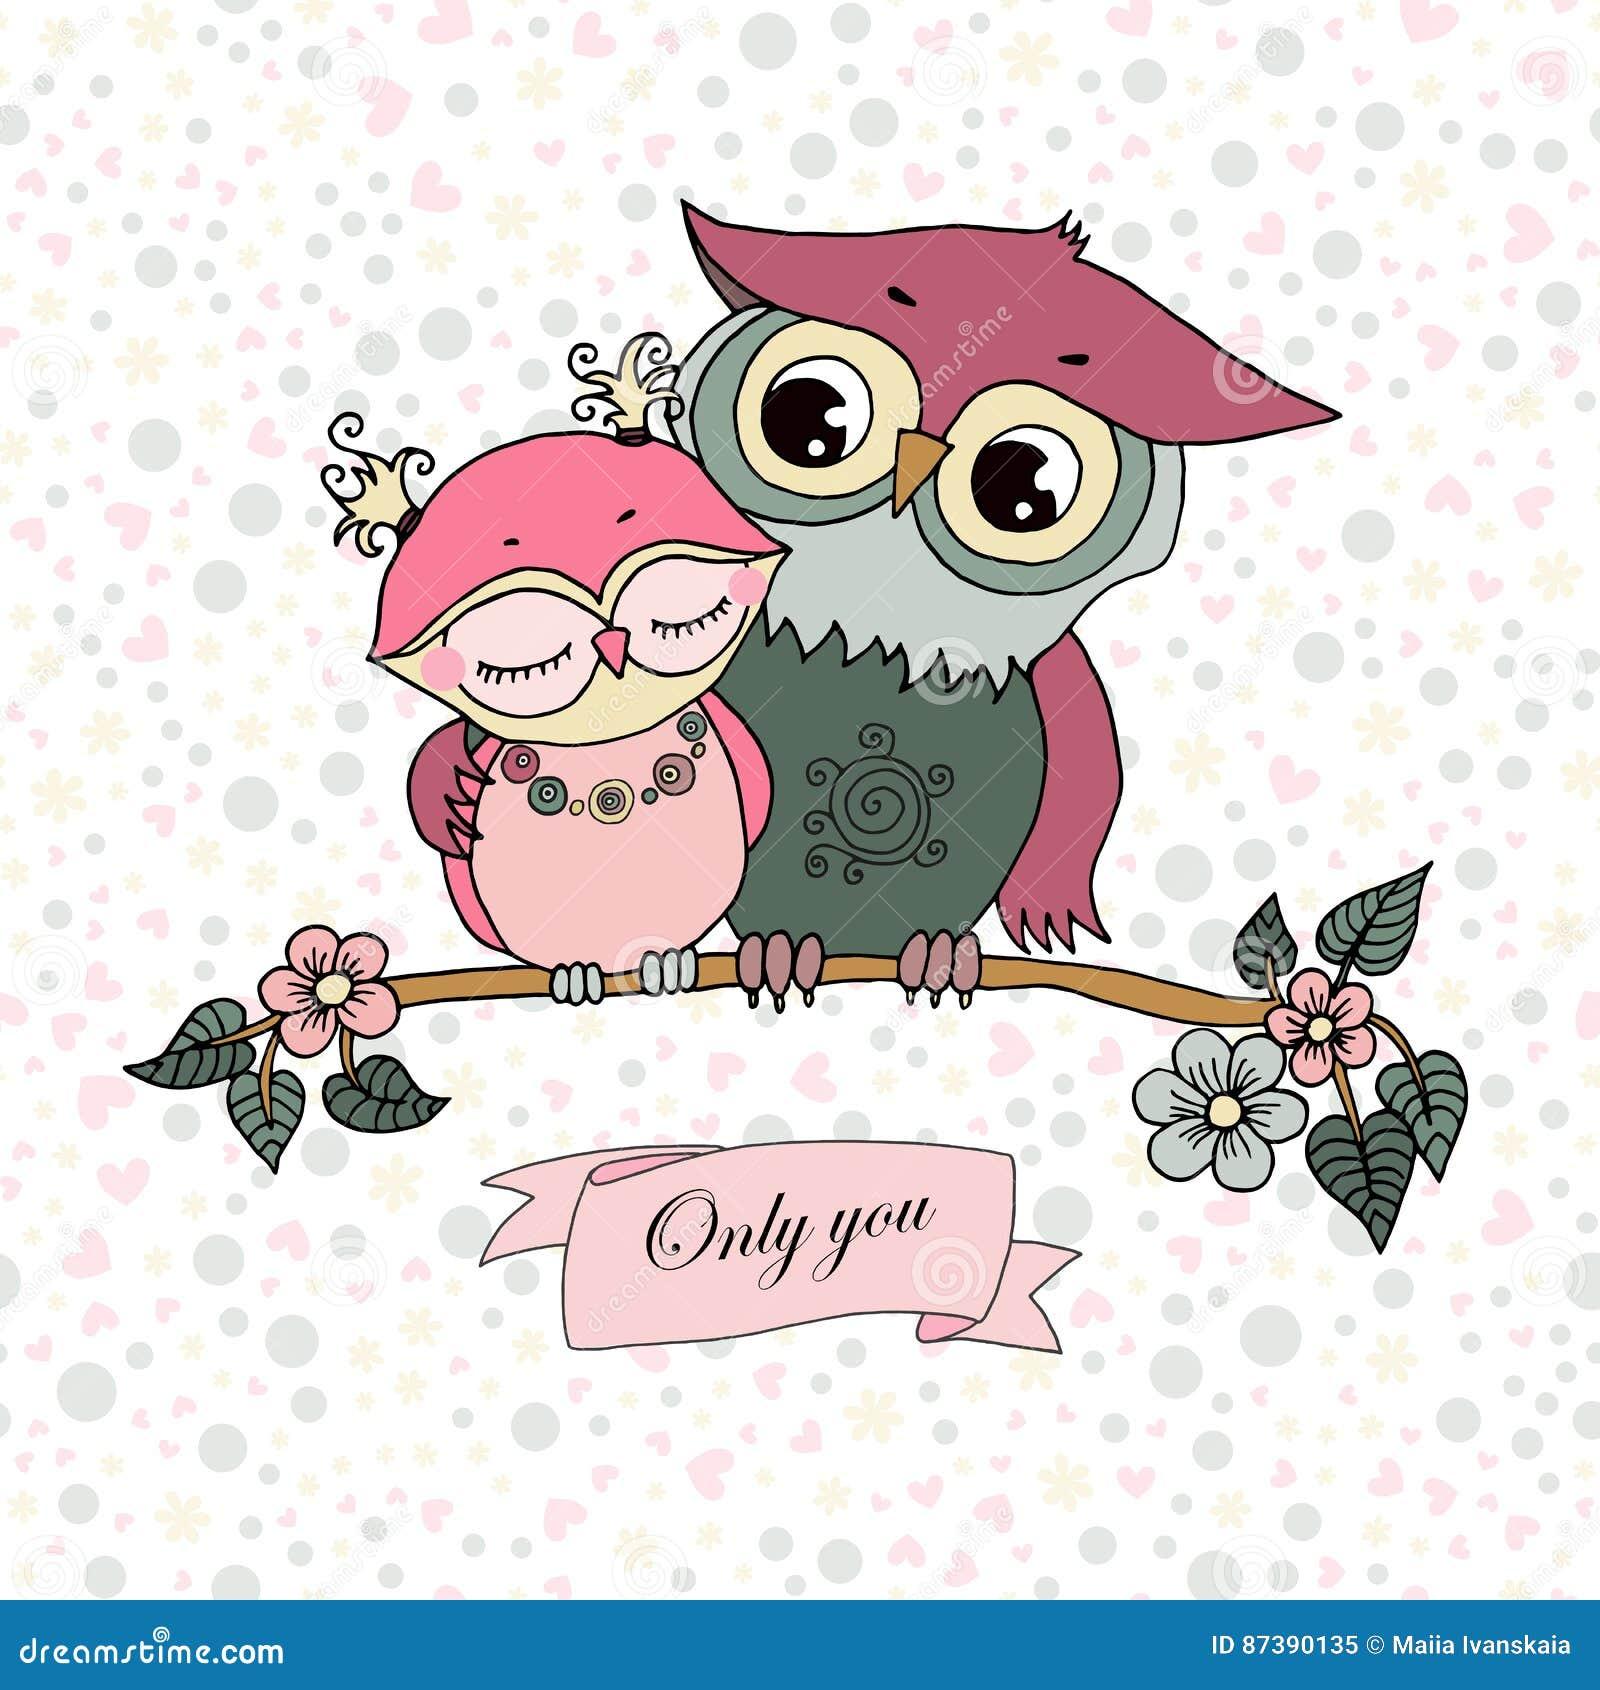 Two cute owls fallen in love